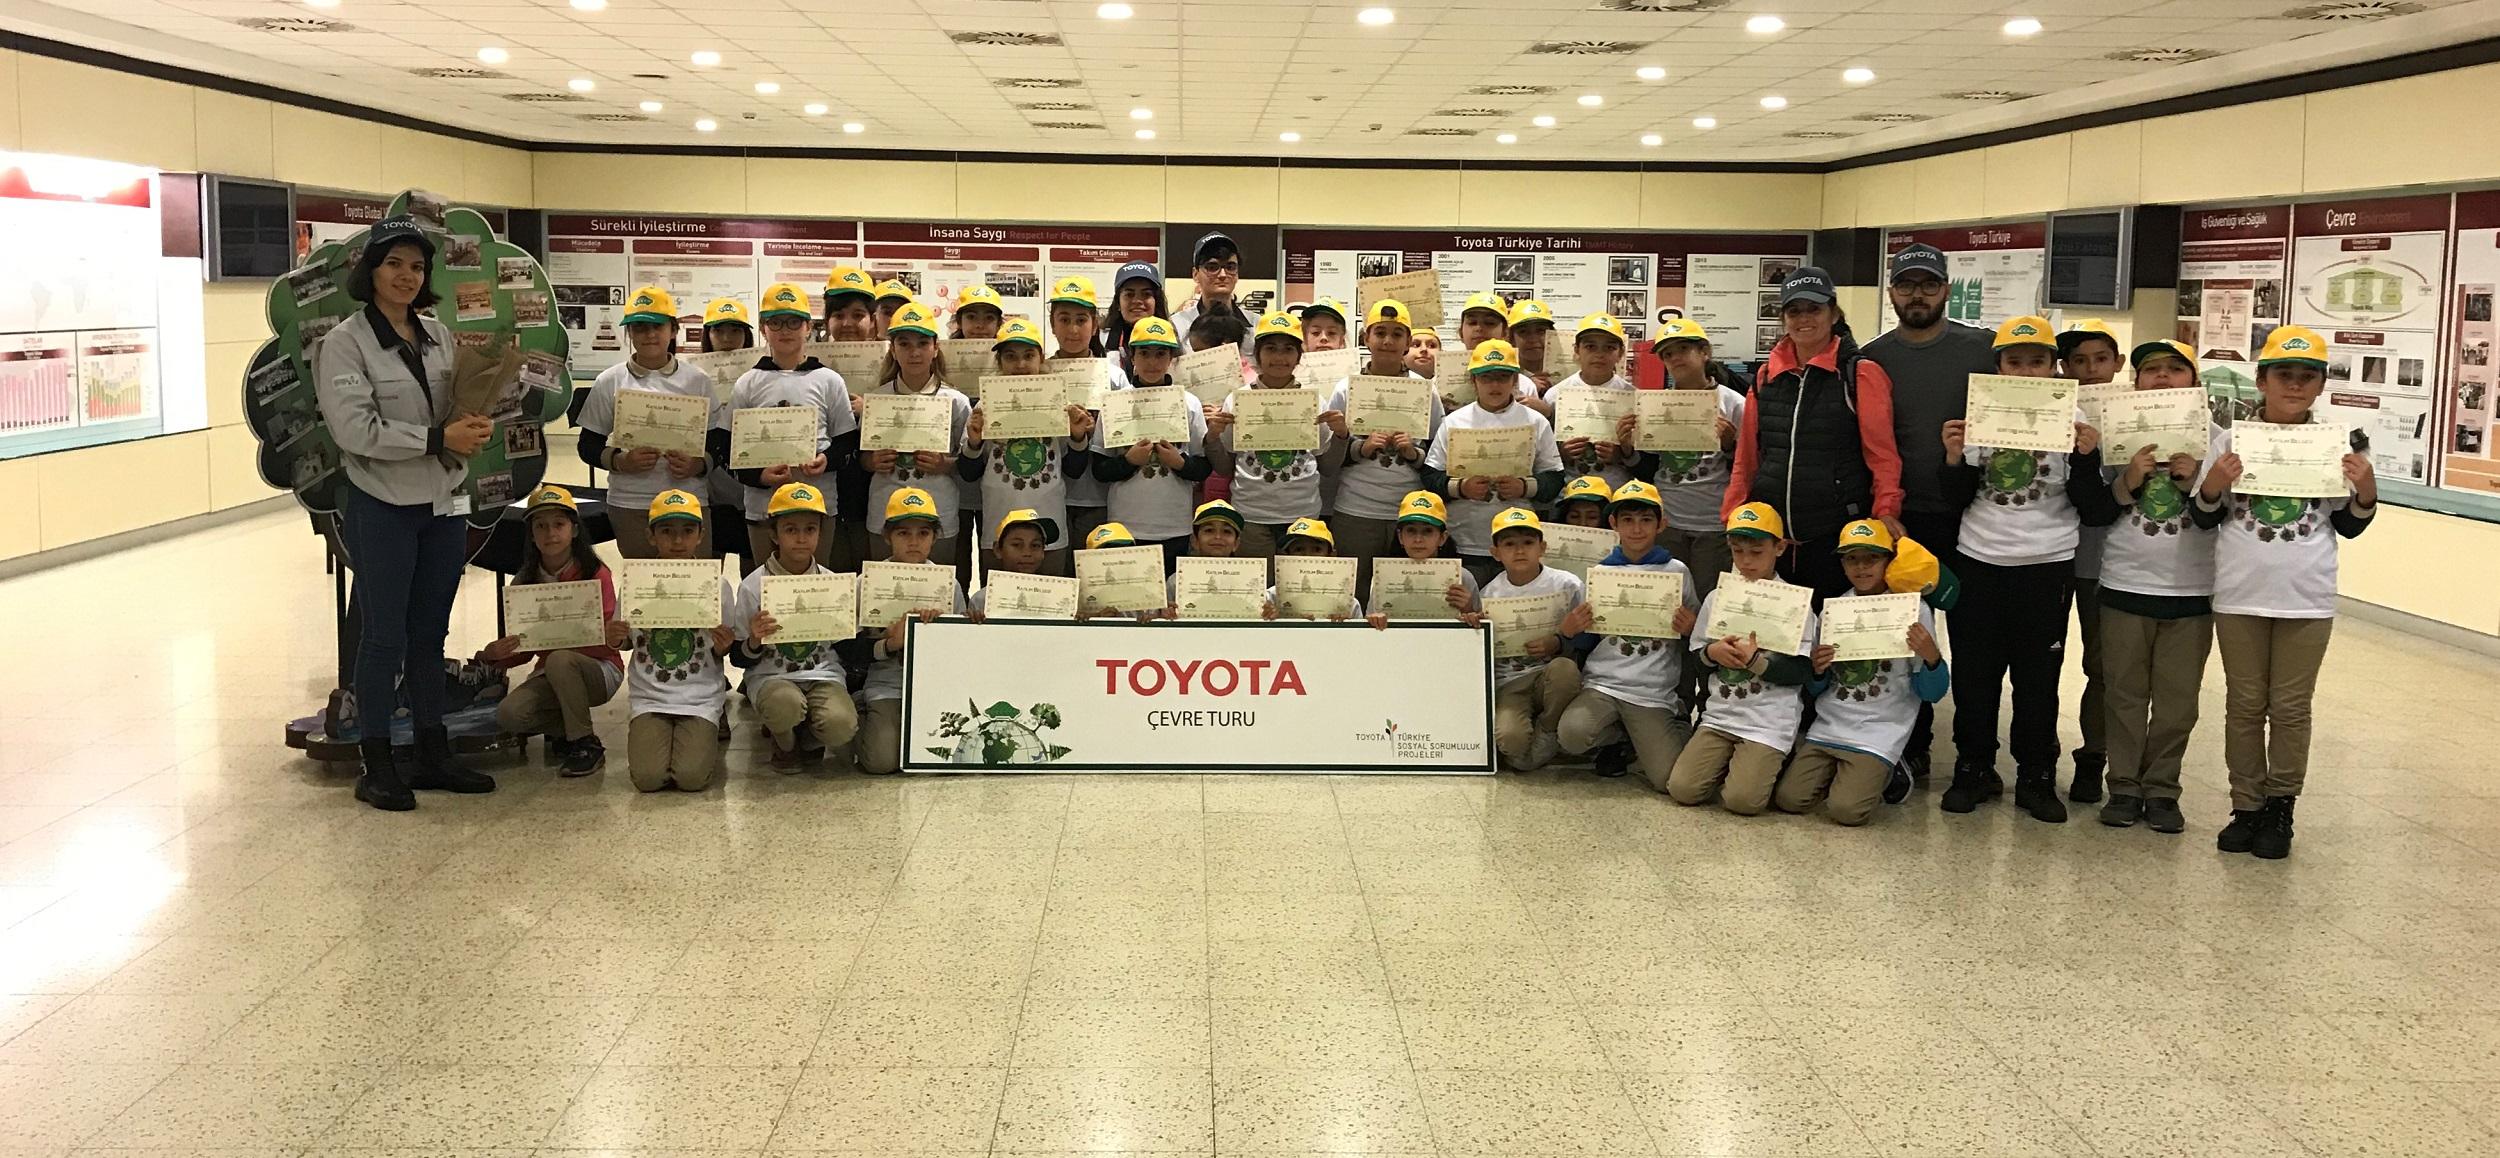 Sakarya eğitiminde Toyota farkı